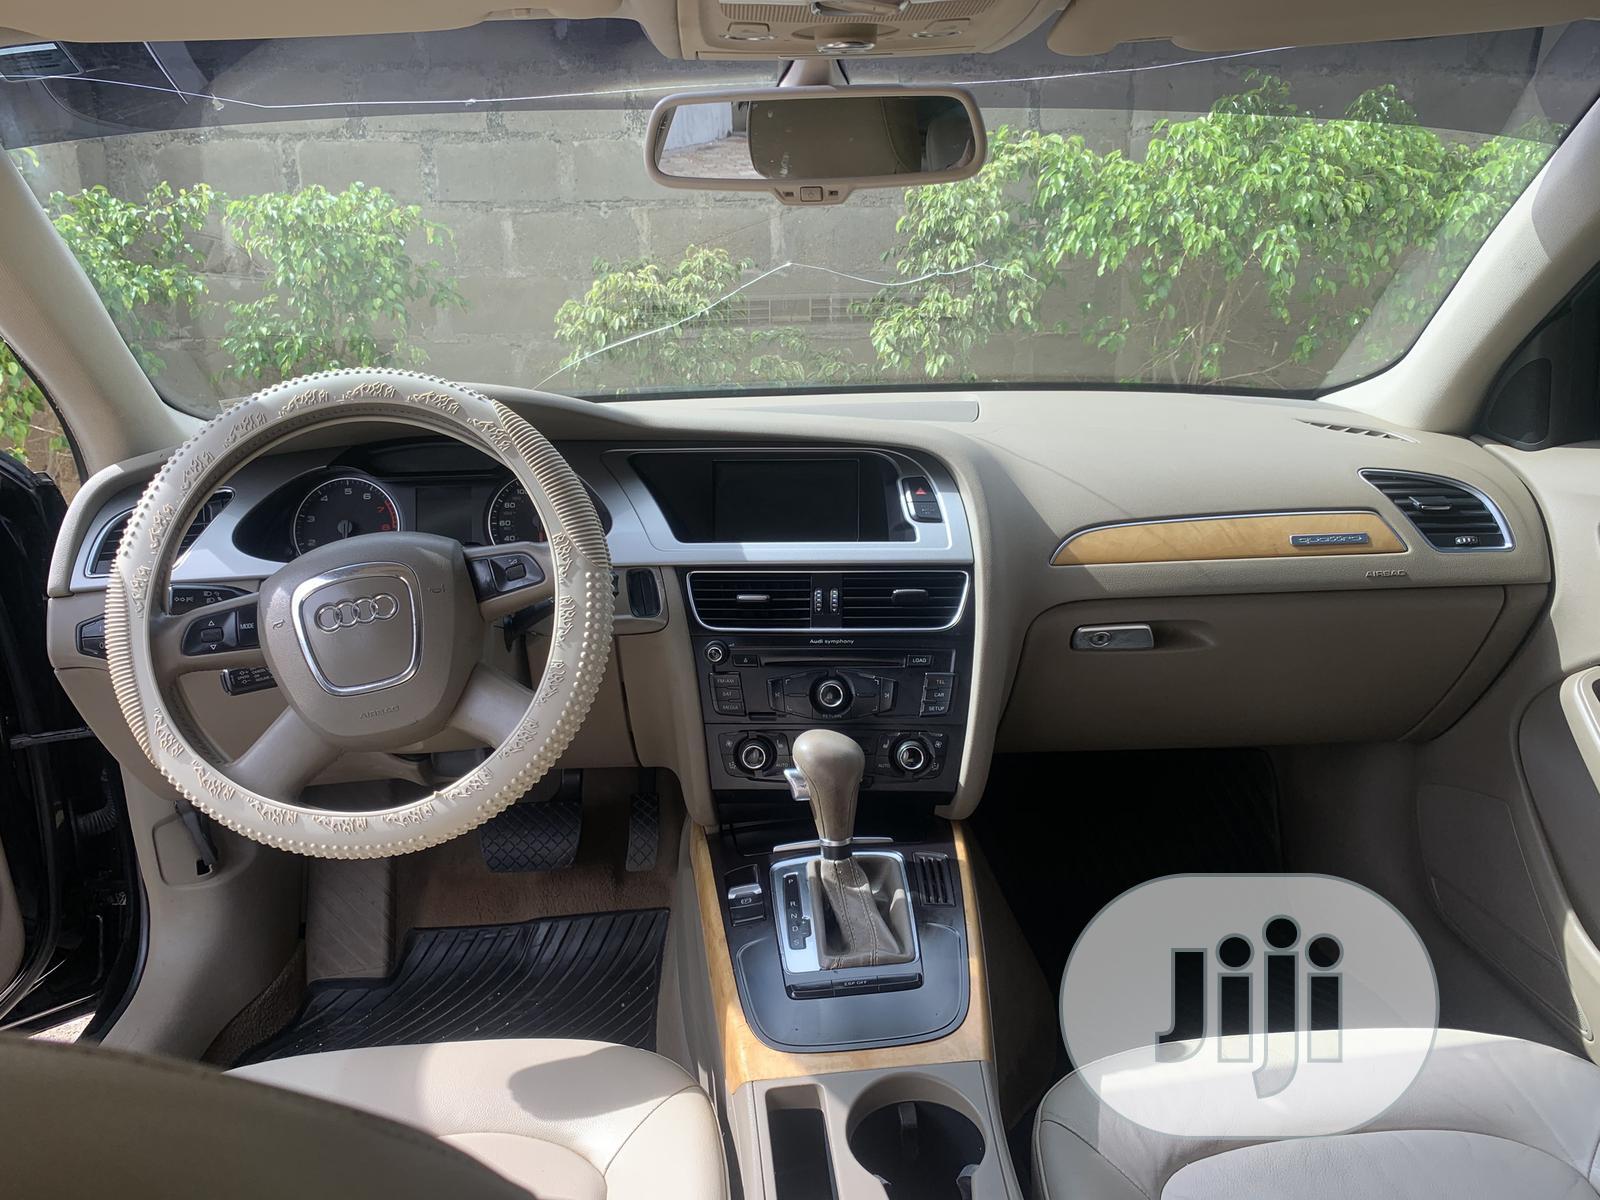 Kelebihan Kekurangan Audi A4 3.2 Fsi Top Model Tahun Ini